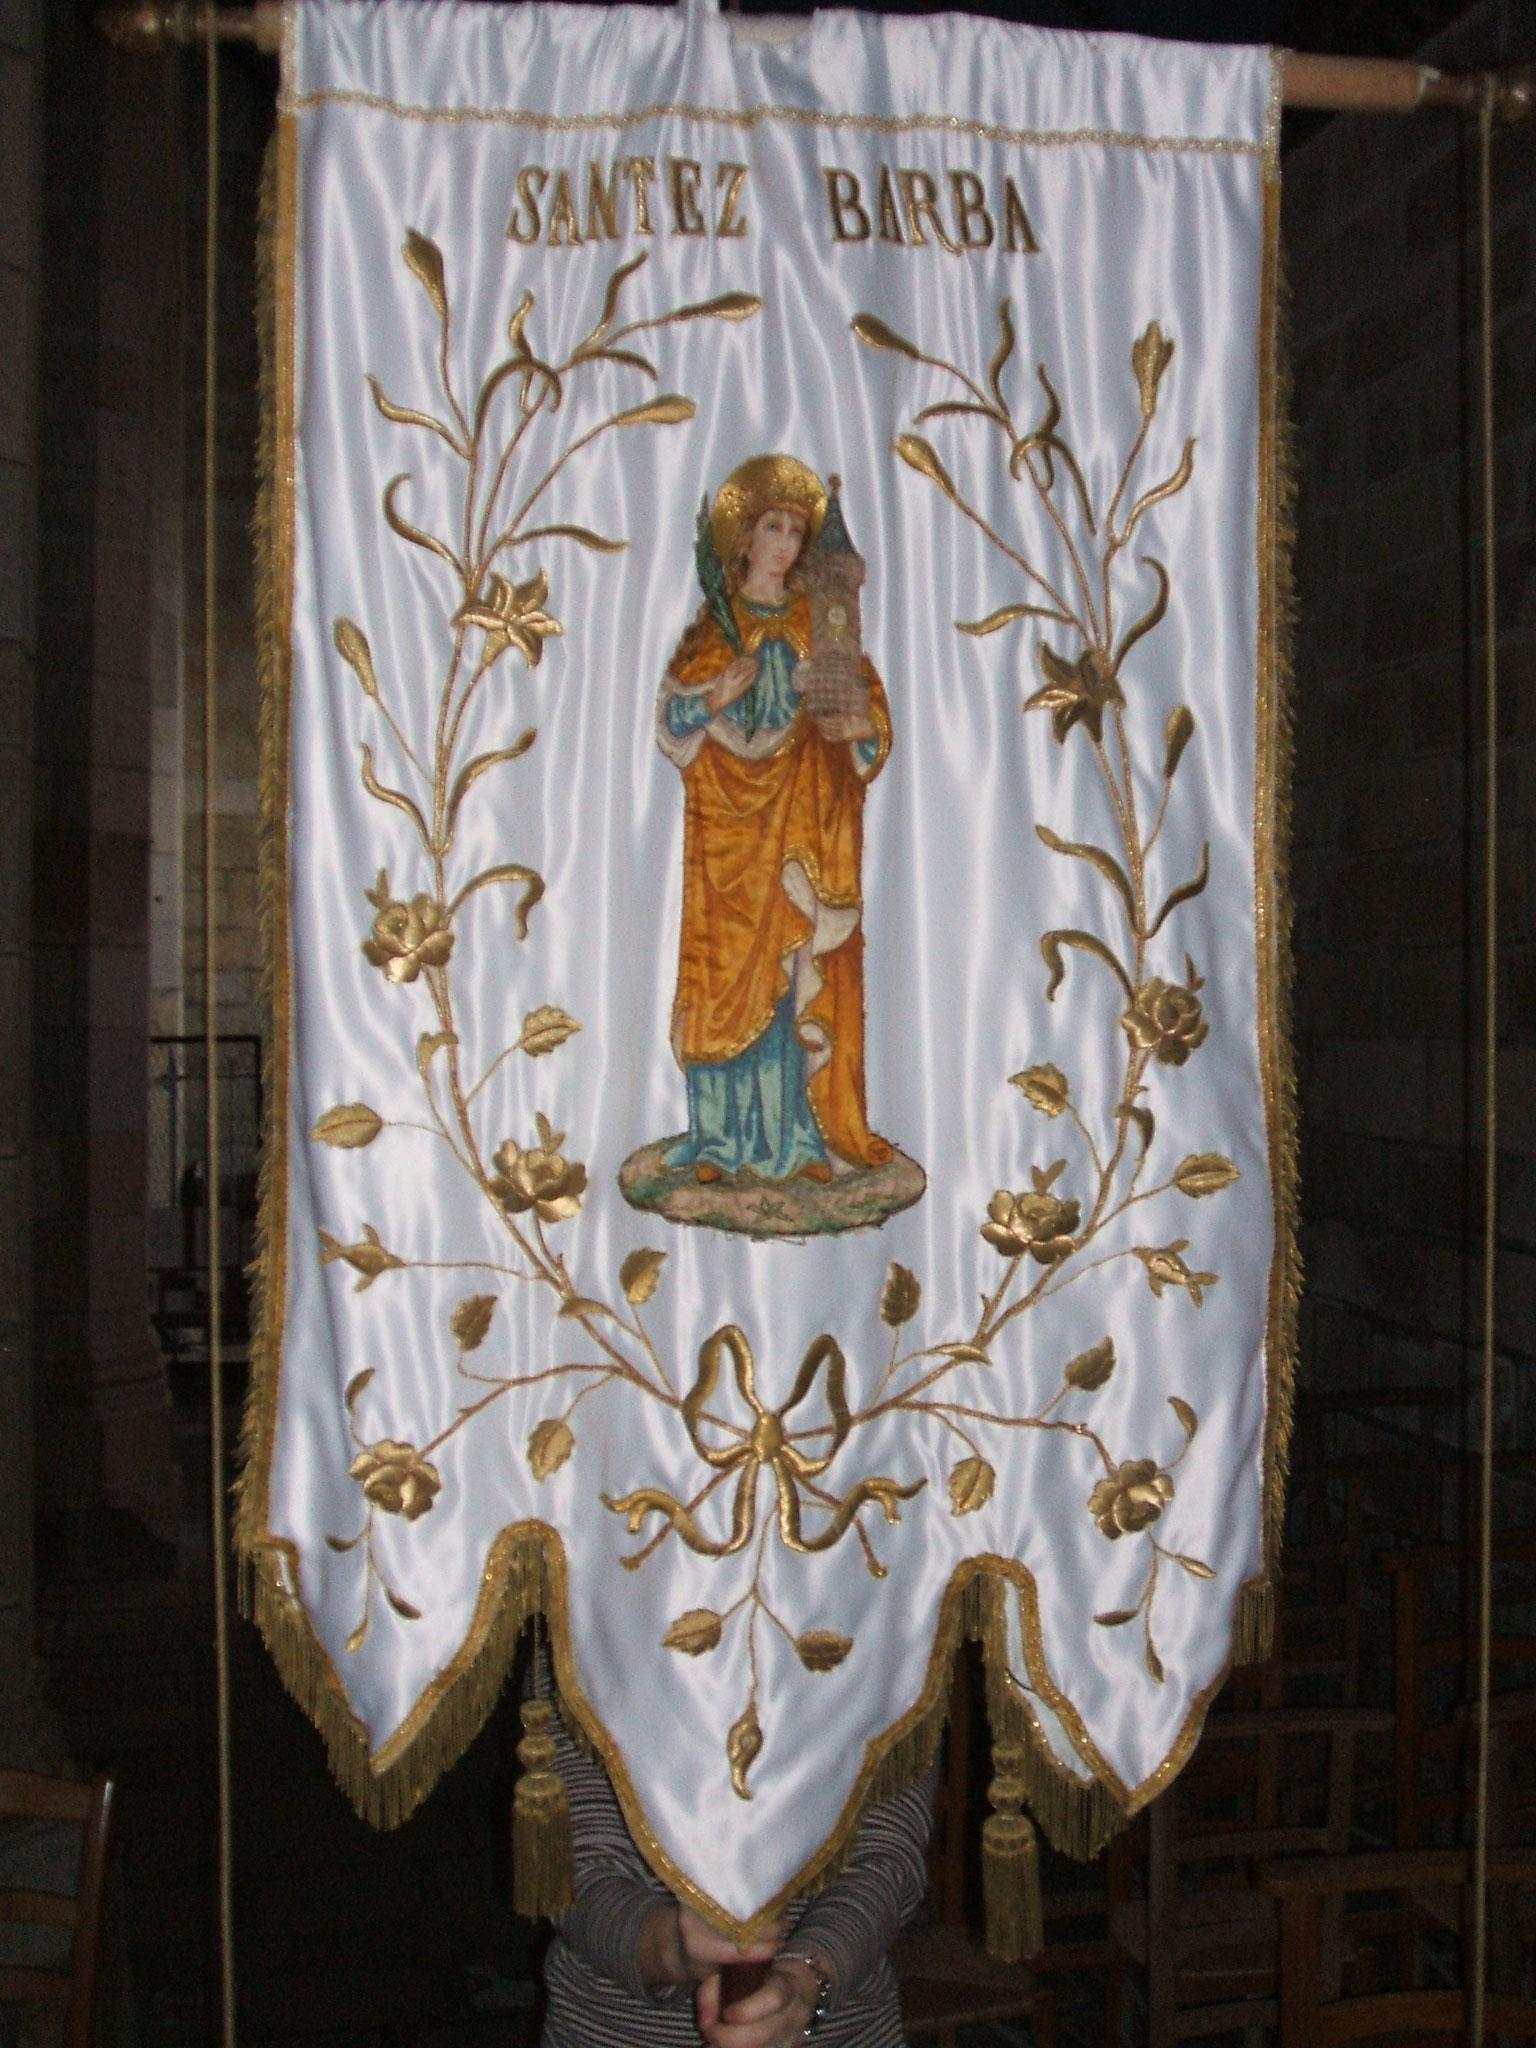 Bannière sainte Barbe, 1919.